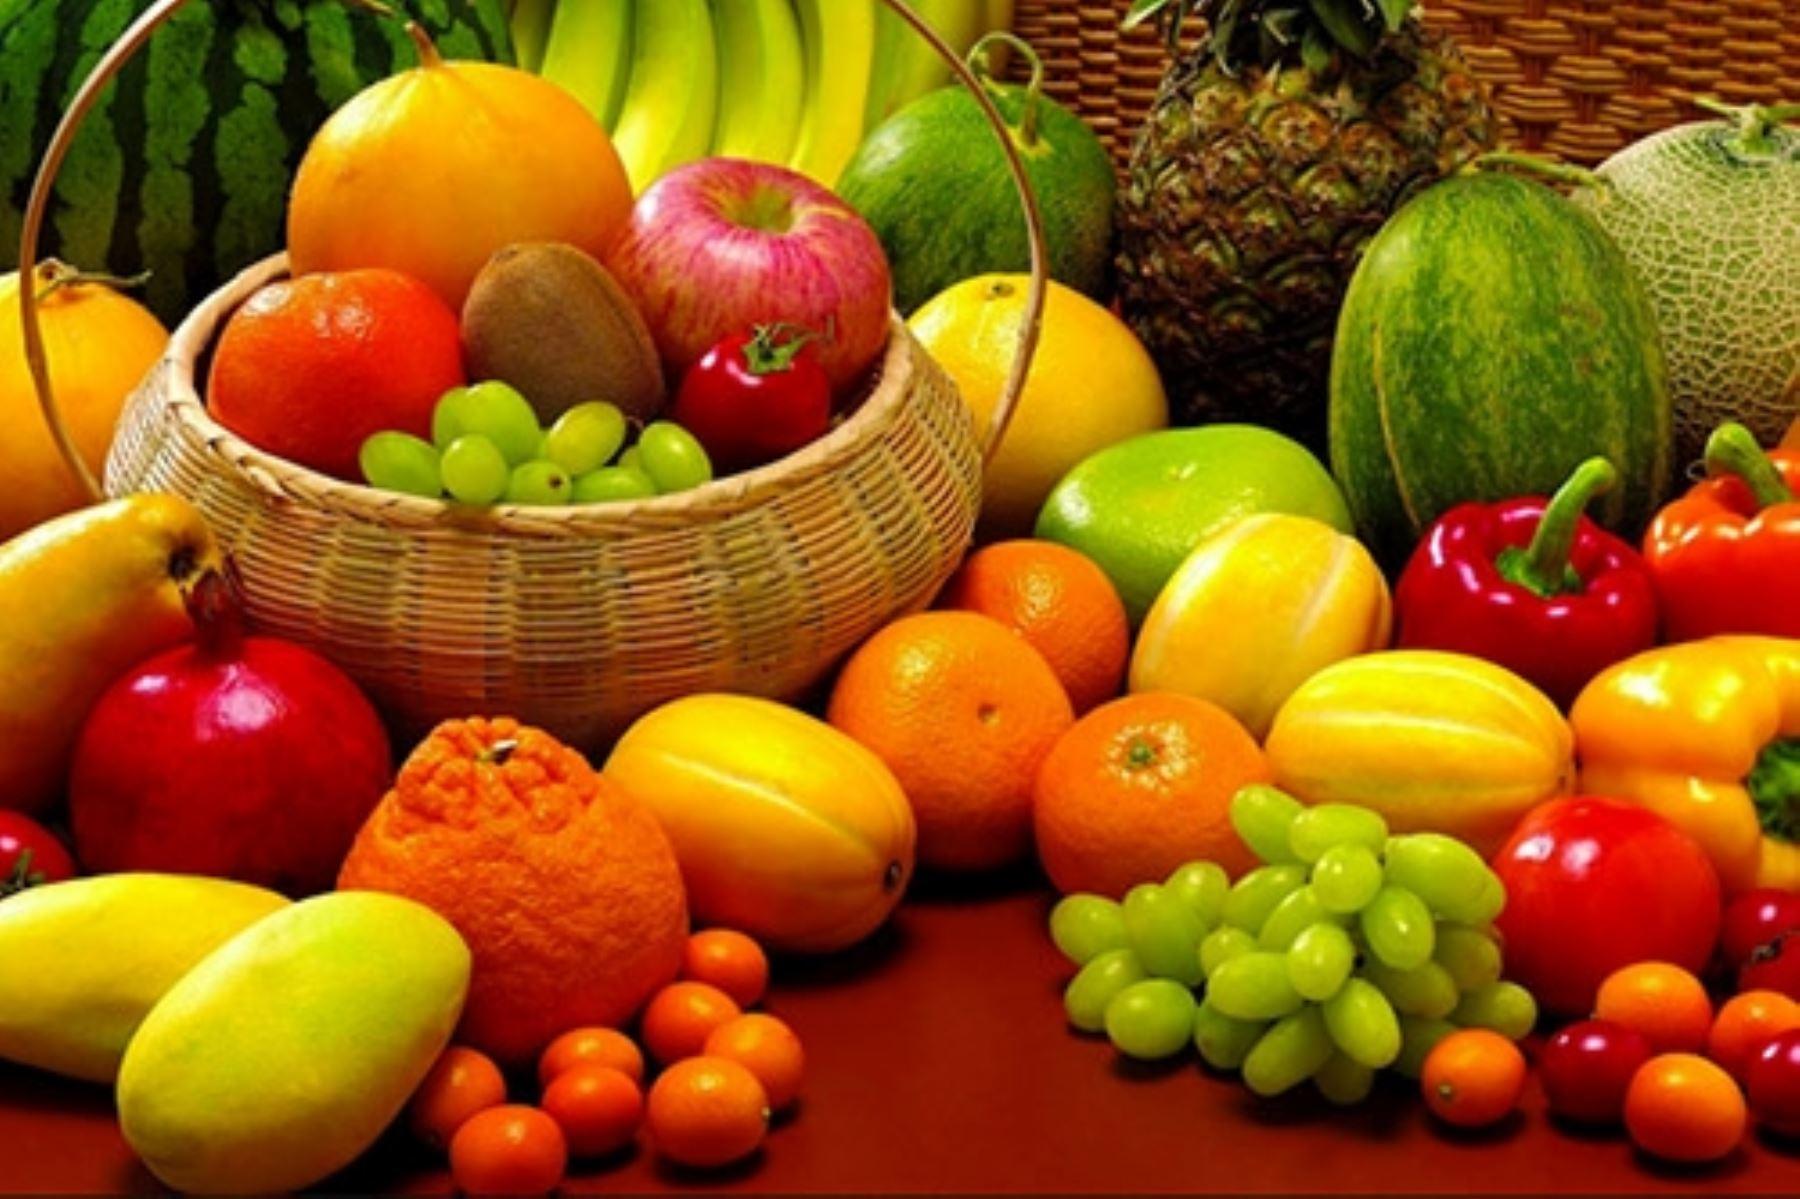 El consumo de frutas y verduras conserva la buena salud.